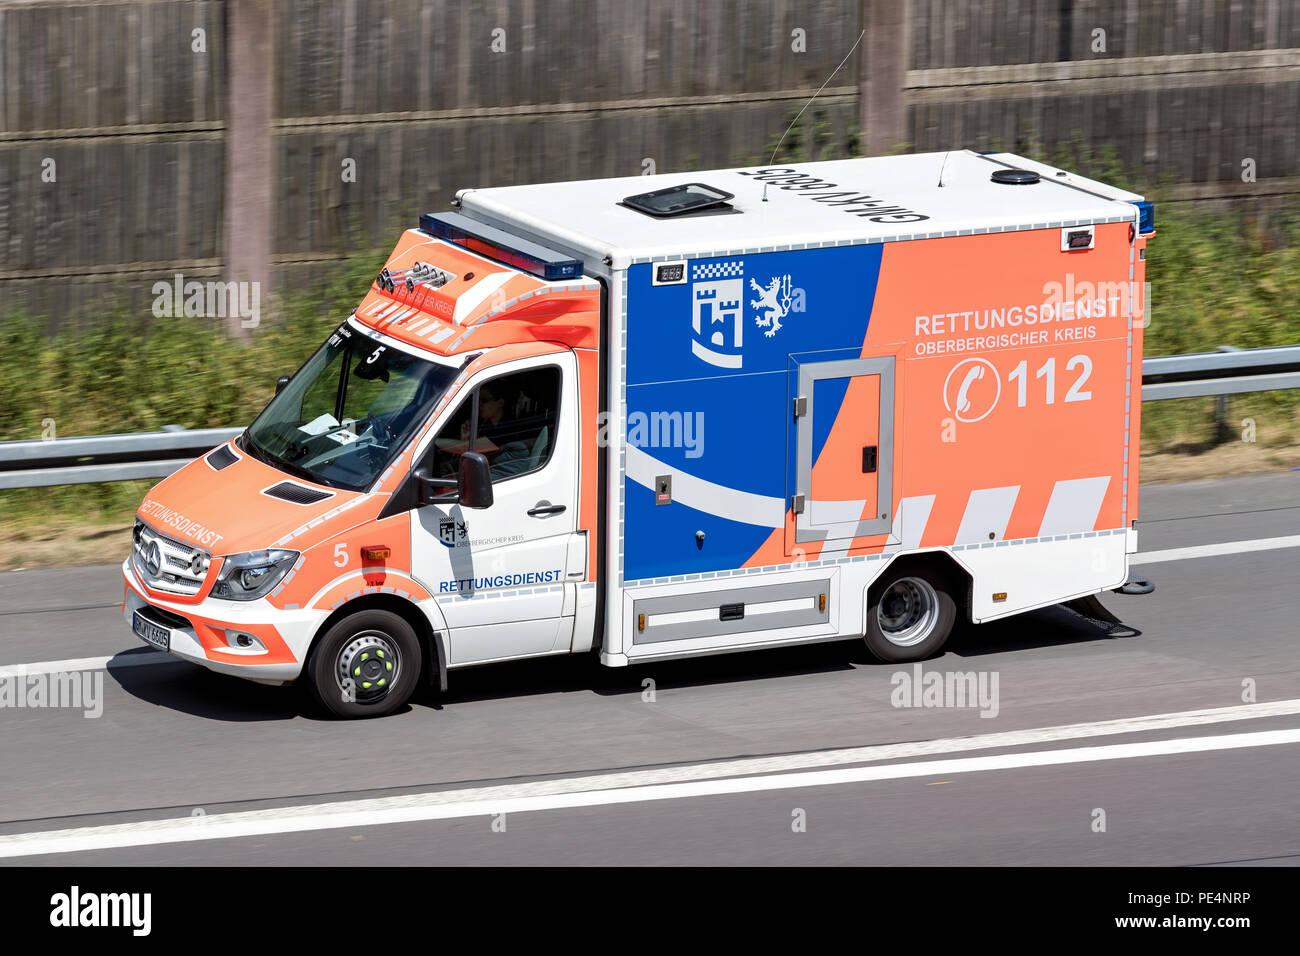 7784fbc4dfa4fb Mercedes Benz Emergency Ambulance Stock Photos   Mercedes Benz ...